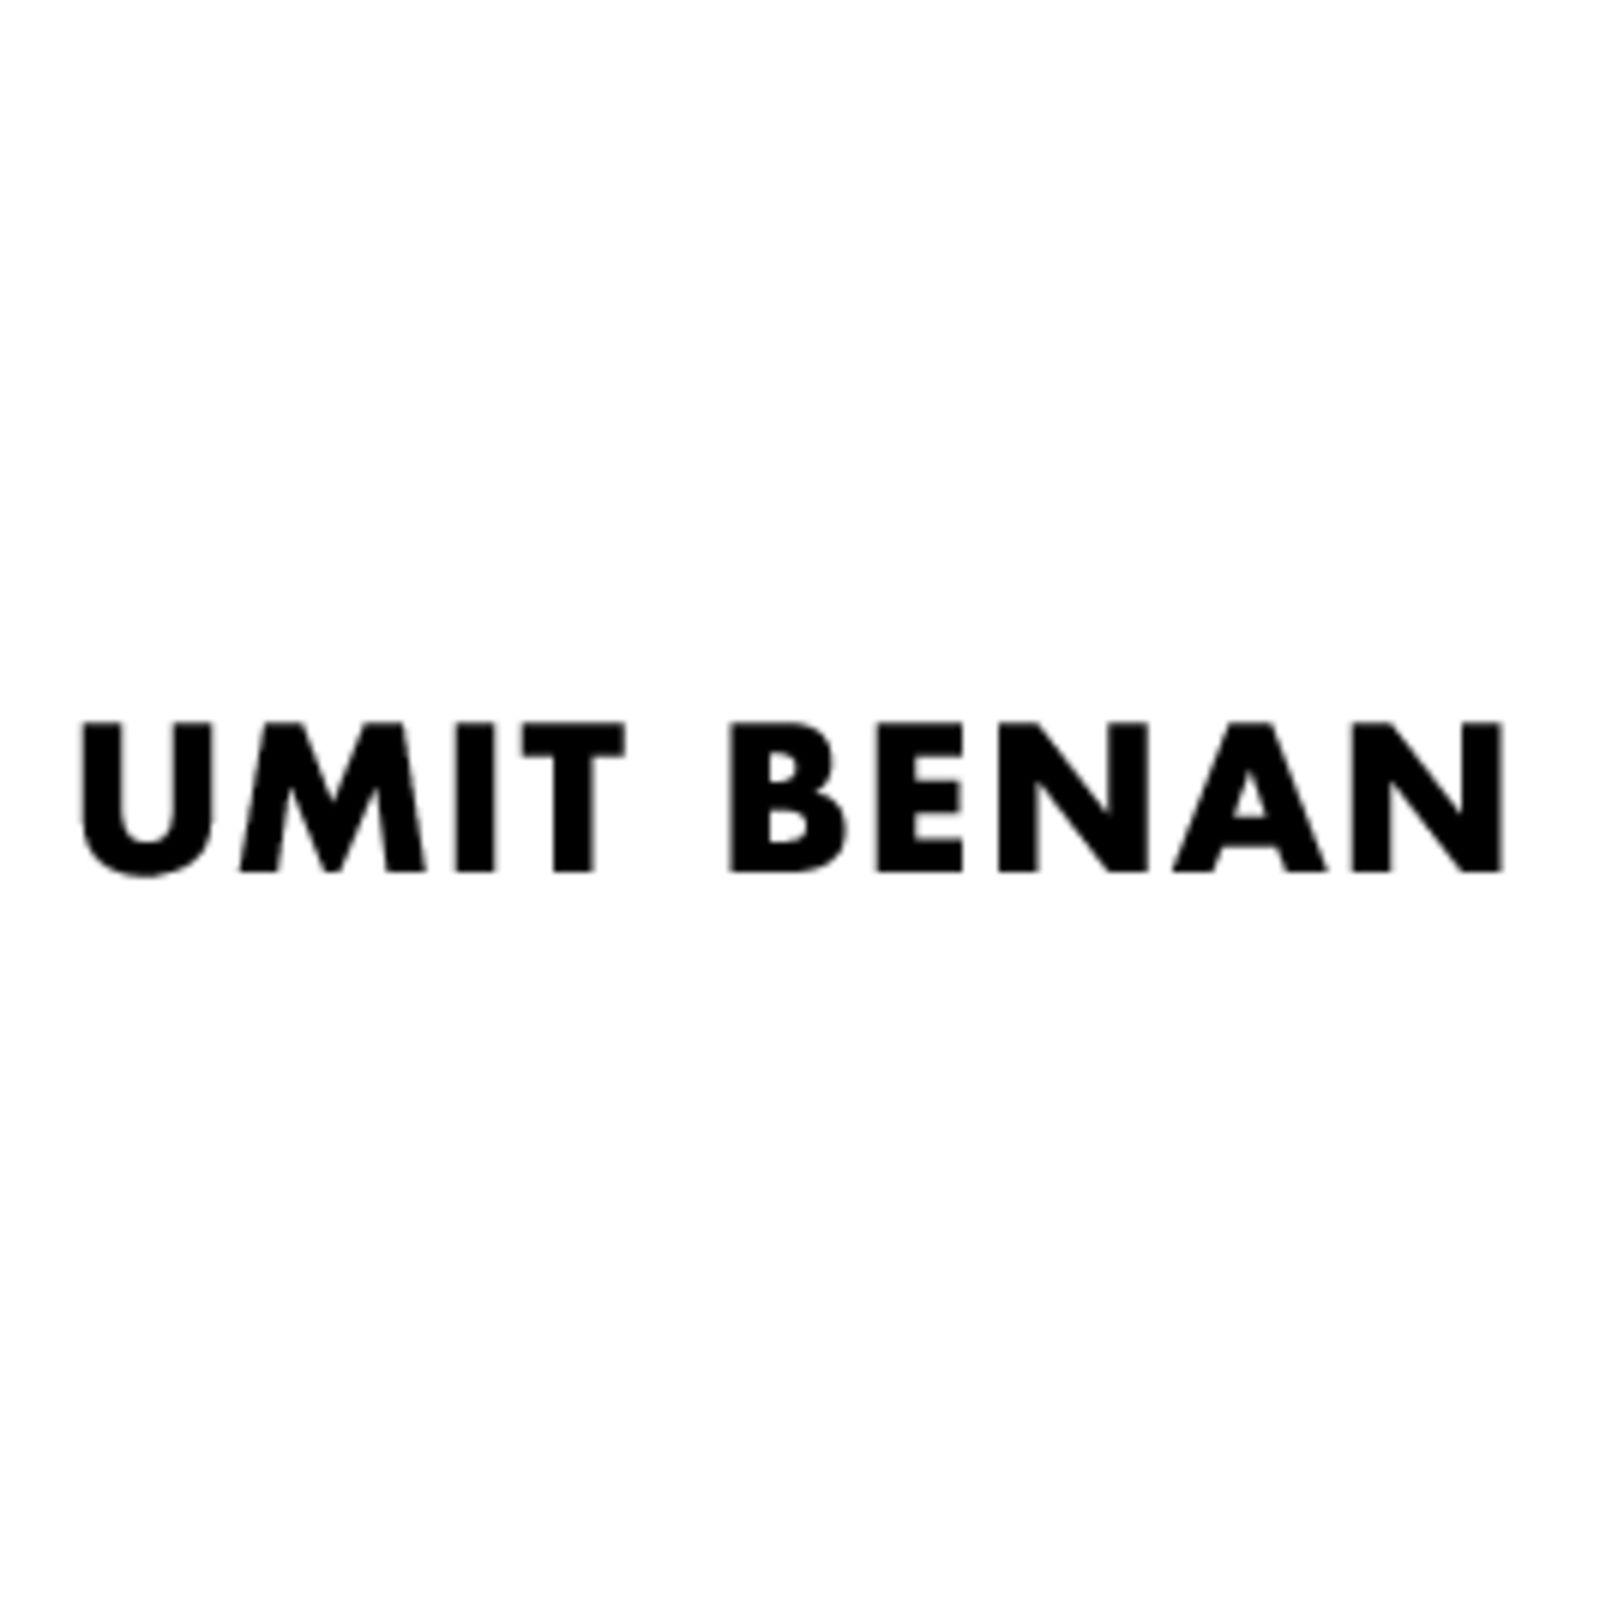 UMIT BENAN